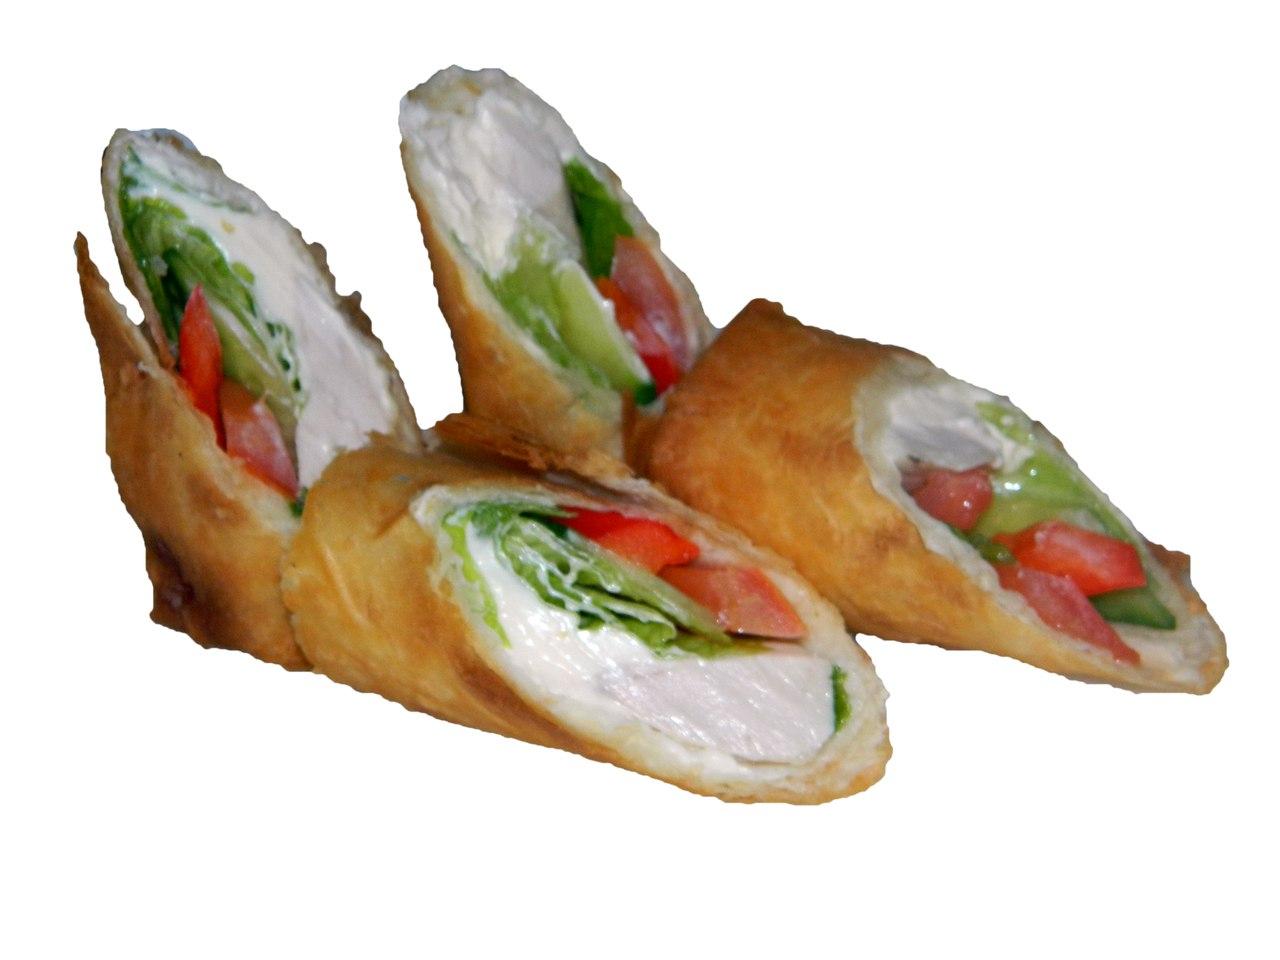 Заказать Ролл Спринг с курицей с доставкой на дом в Серпухове, Суши-бар ТАЙХЕО